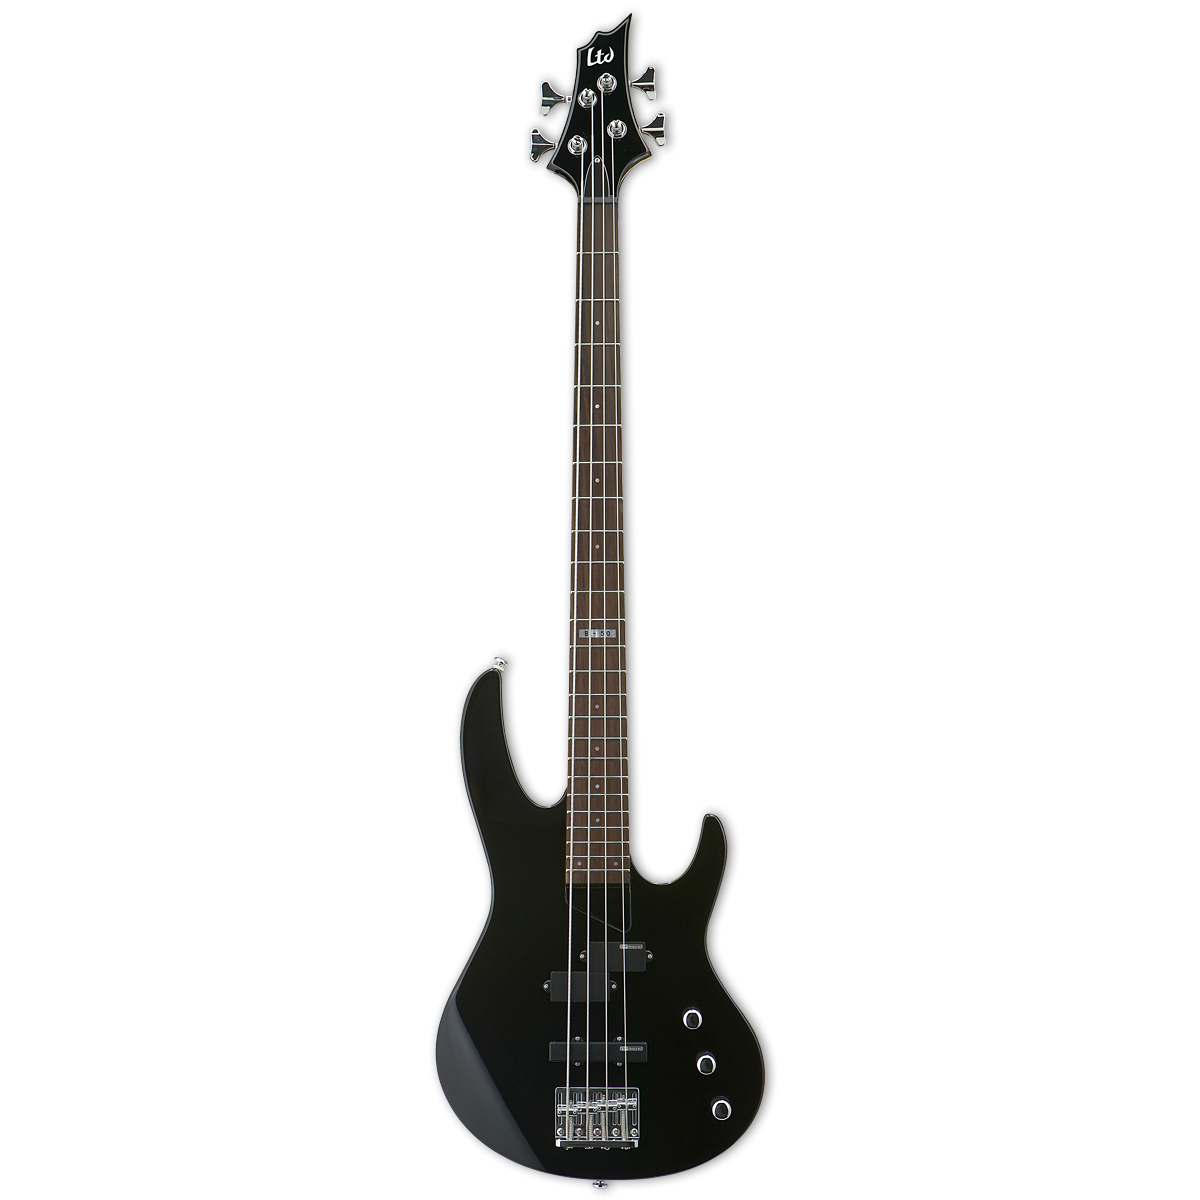 esp ltd b50 bass guitar black bass guitars bass. Black Bedroom Furniture Sets. Home Design Ideas